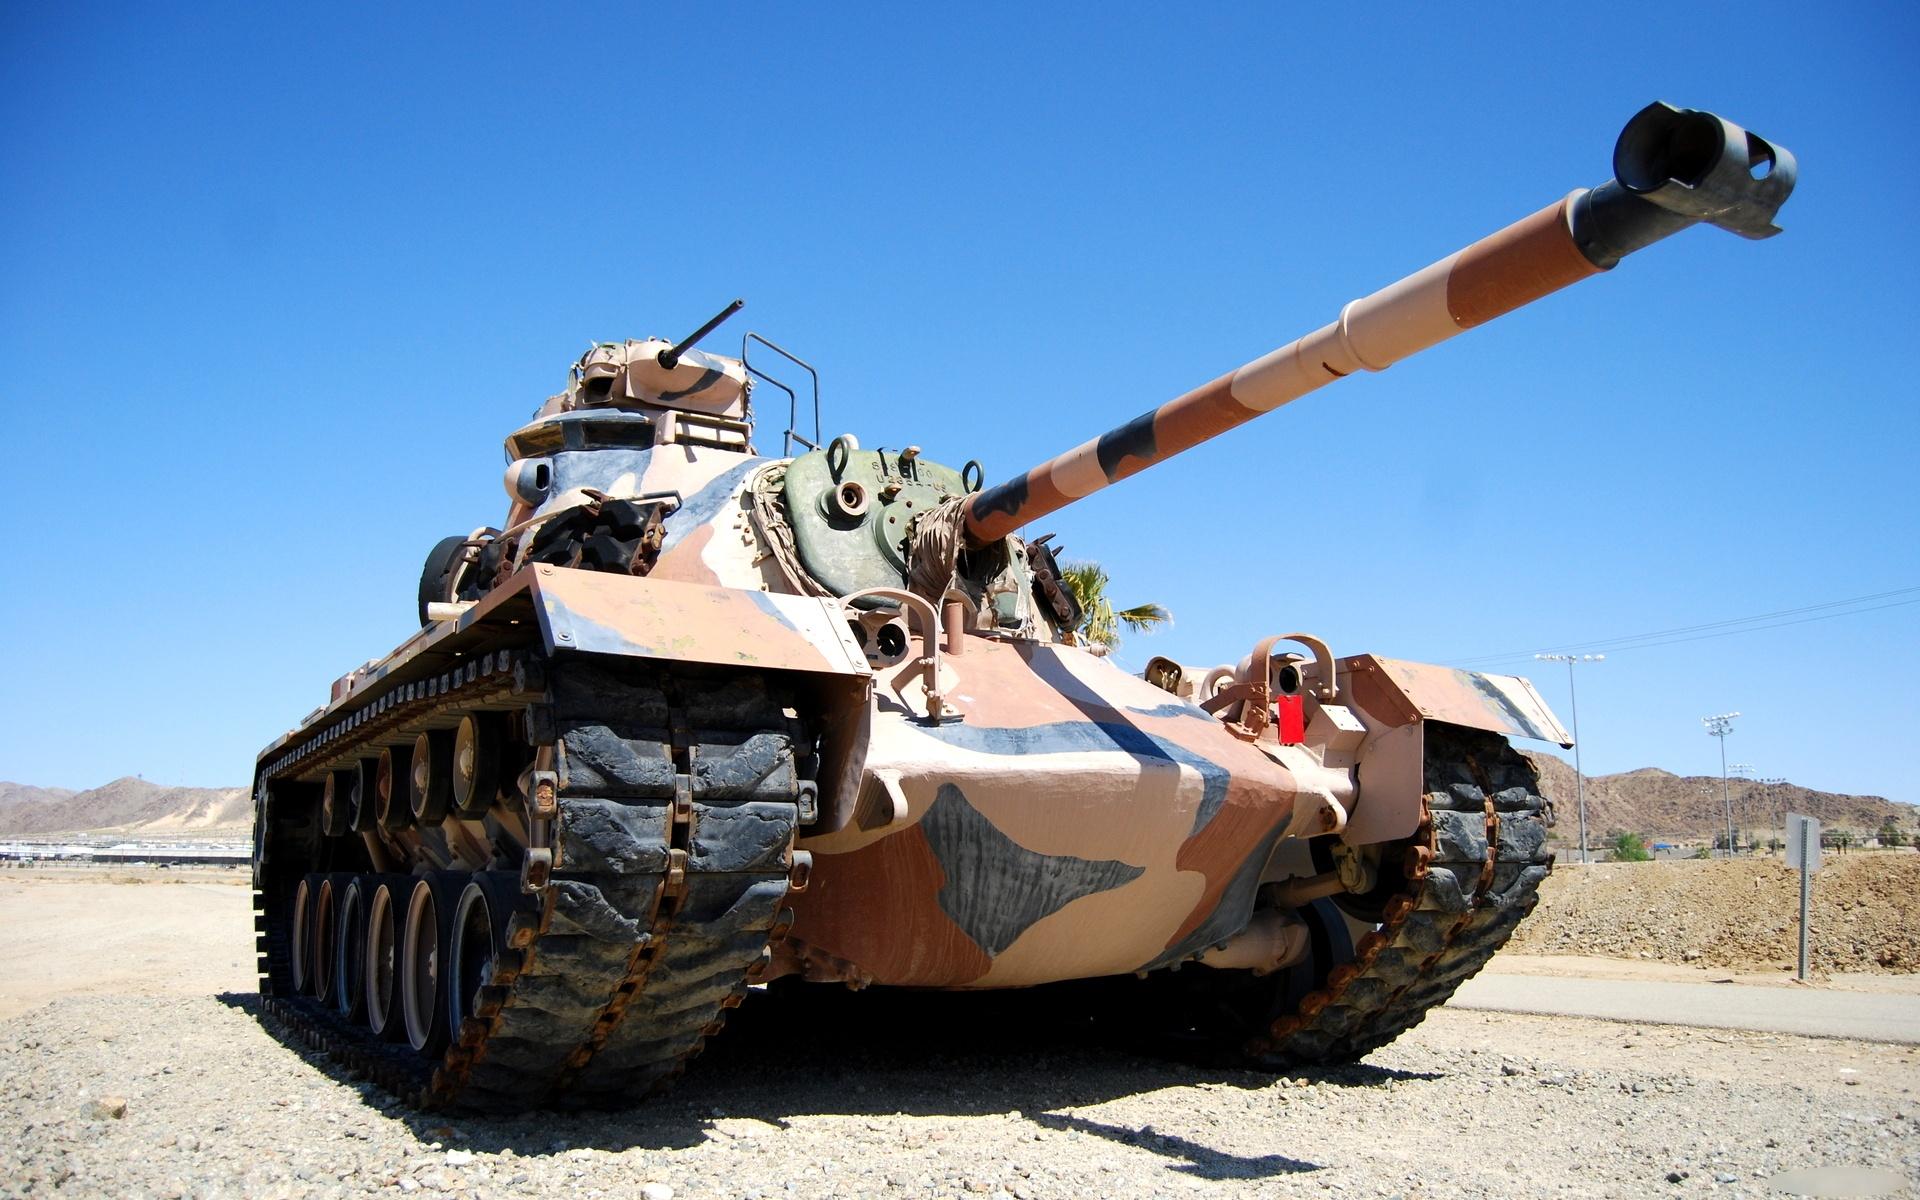 принципе, картинки самых крутых танков будут конкретные упражнения